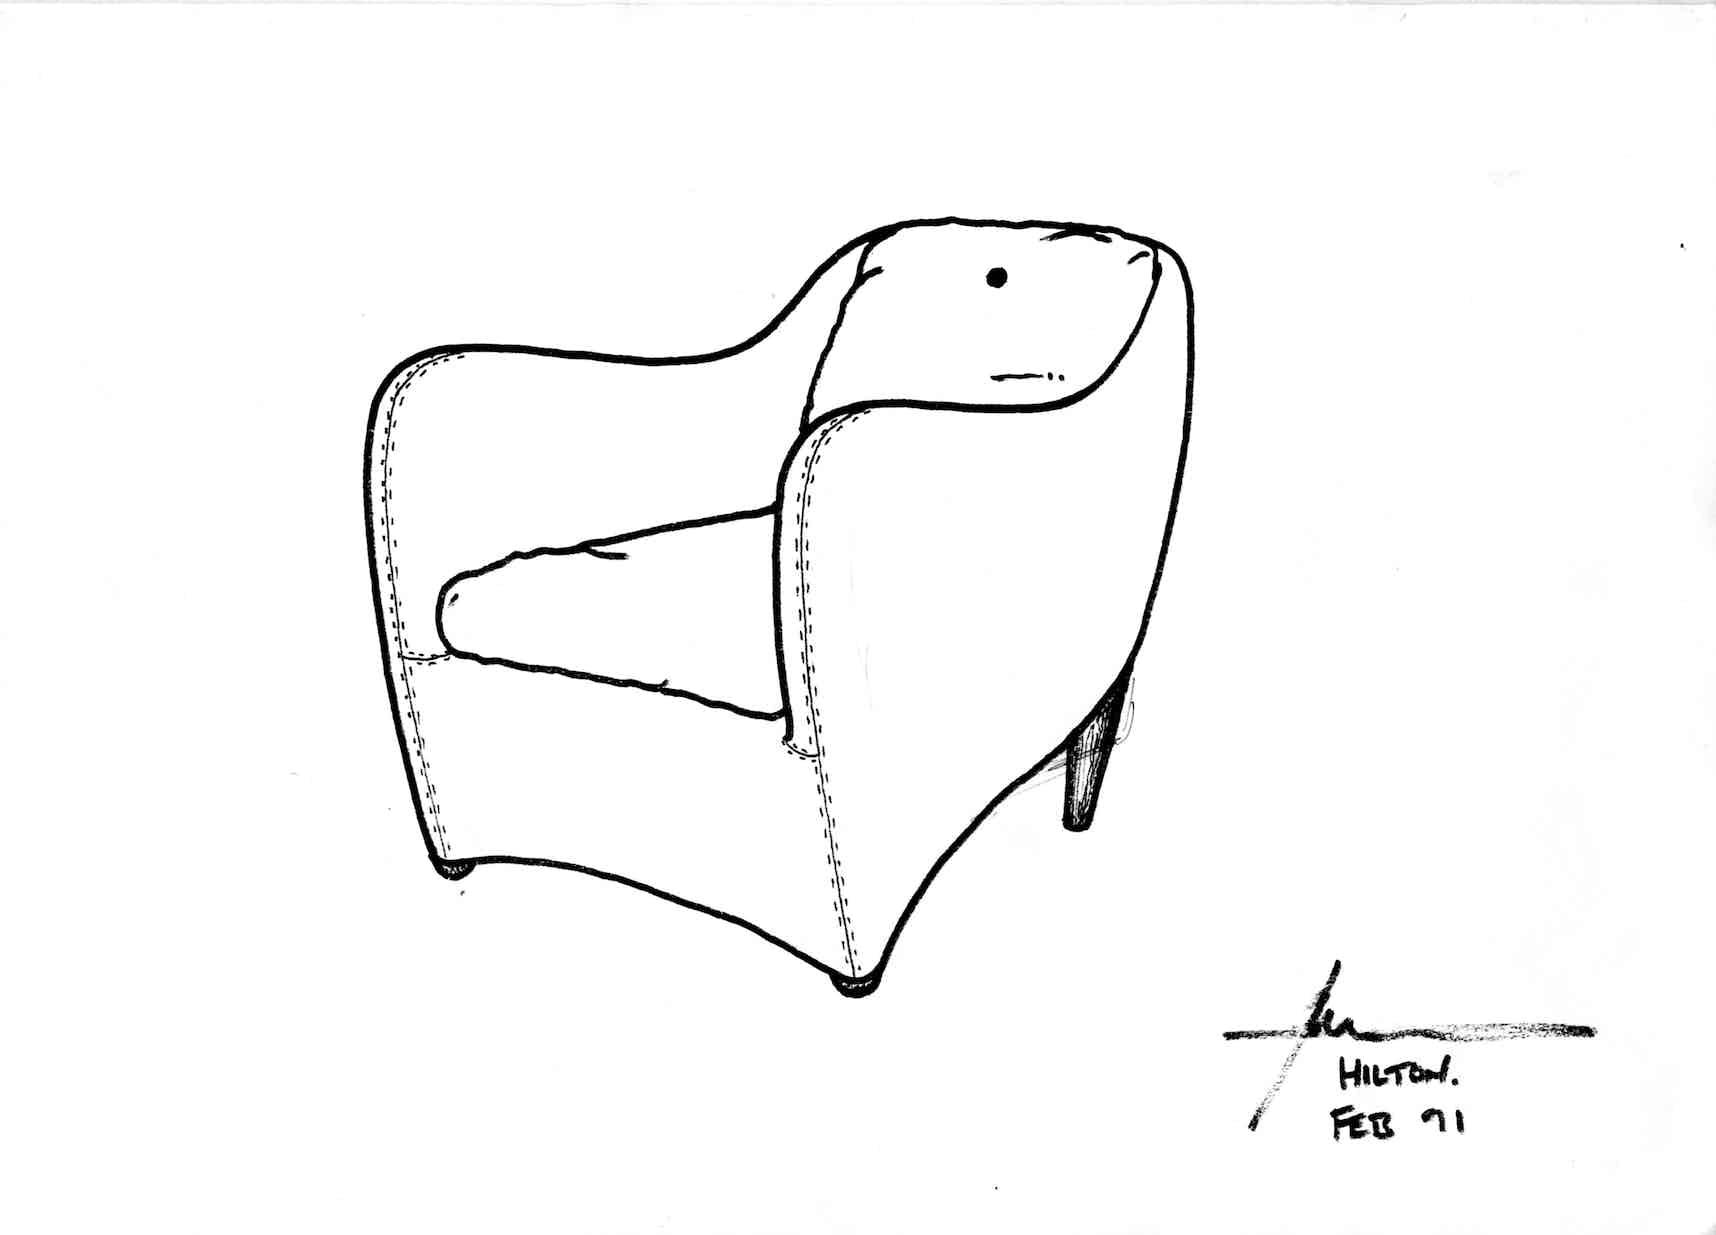 1991 Balzac drawing